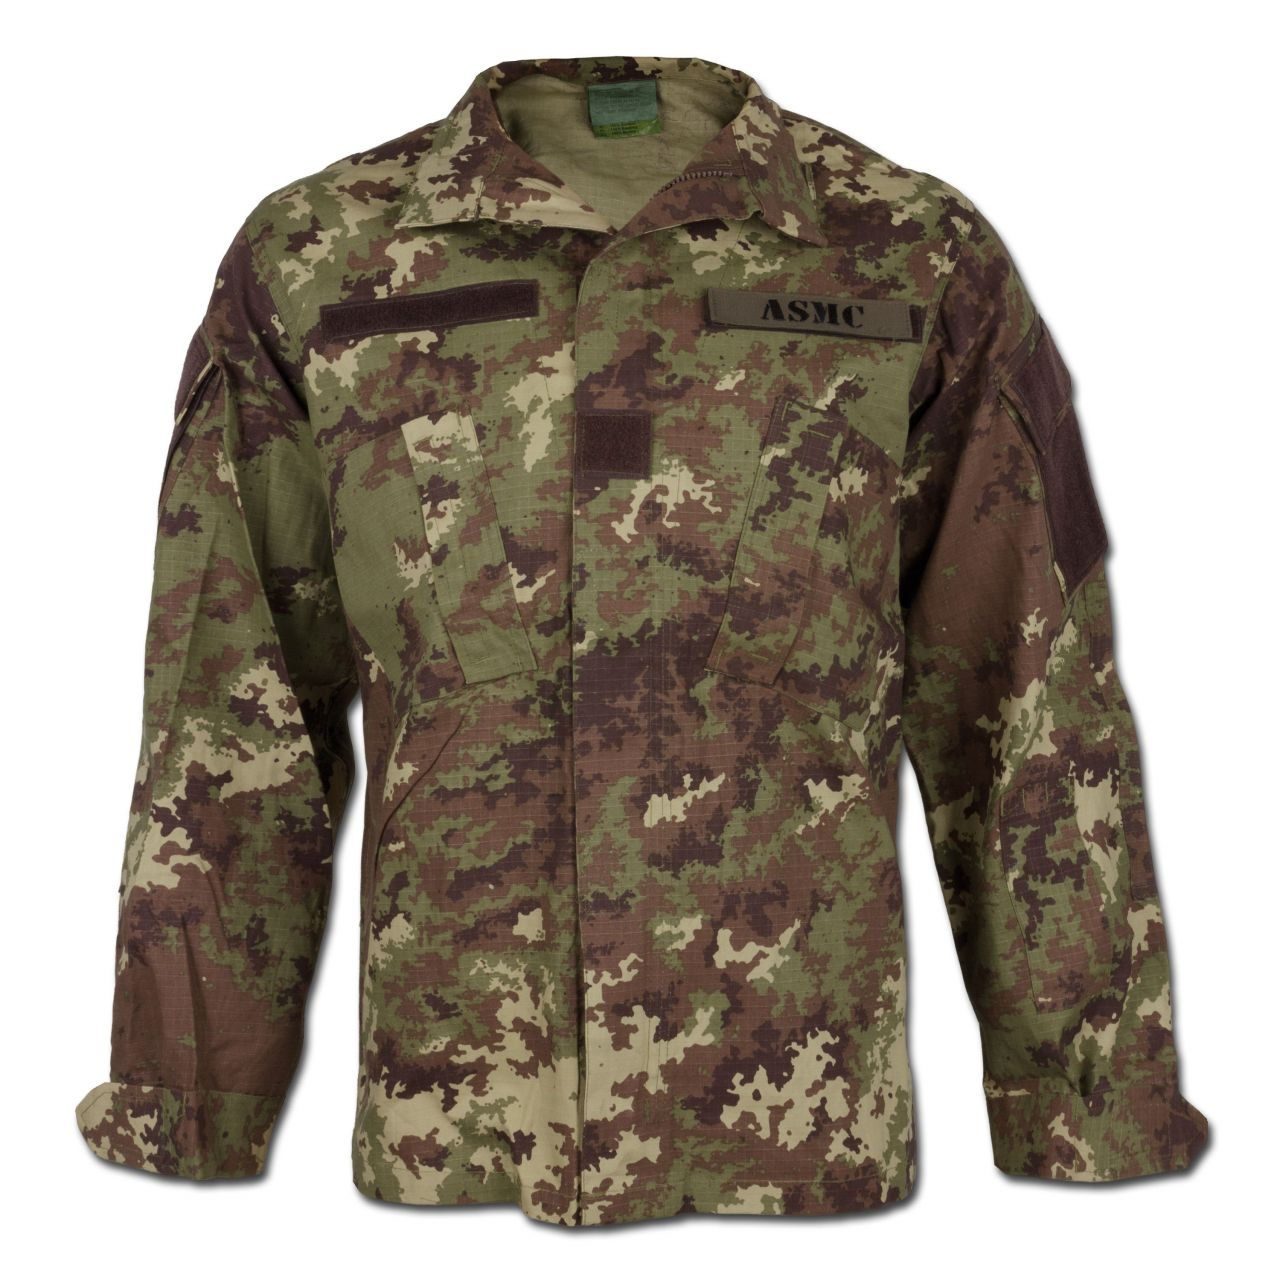 Verde Oliva Ripstop Camicia Da Campo Tutte Le Taglie Cotone Esercito Tattico